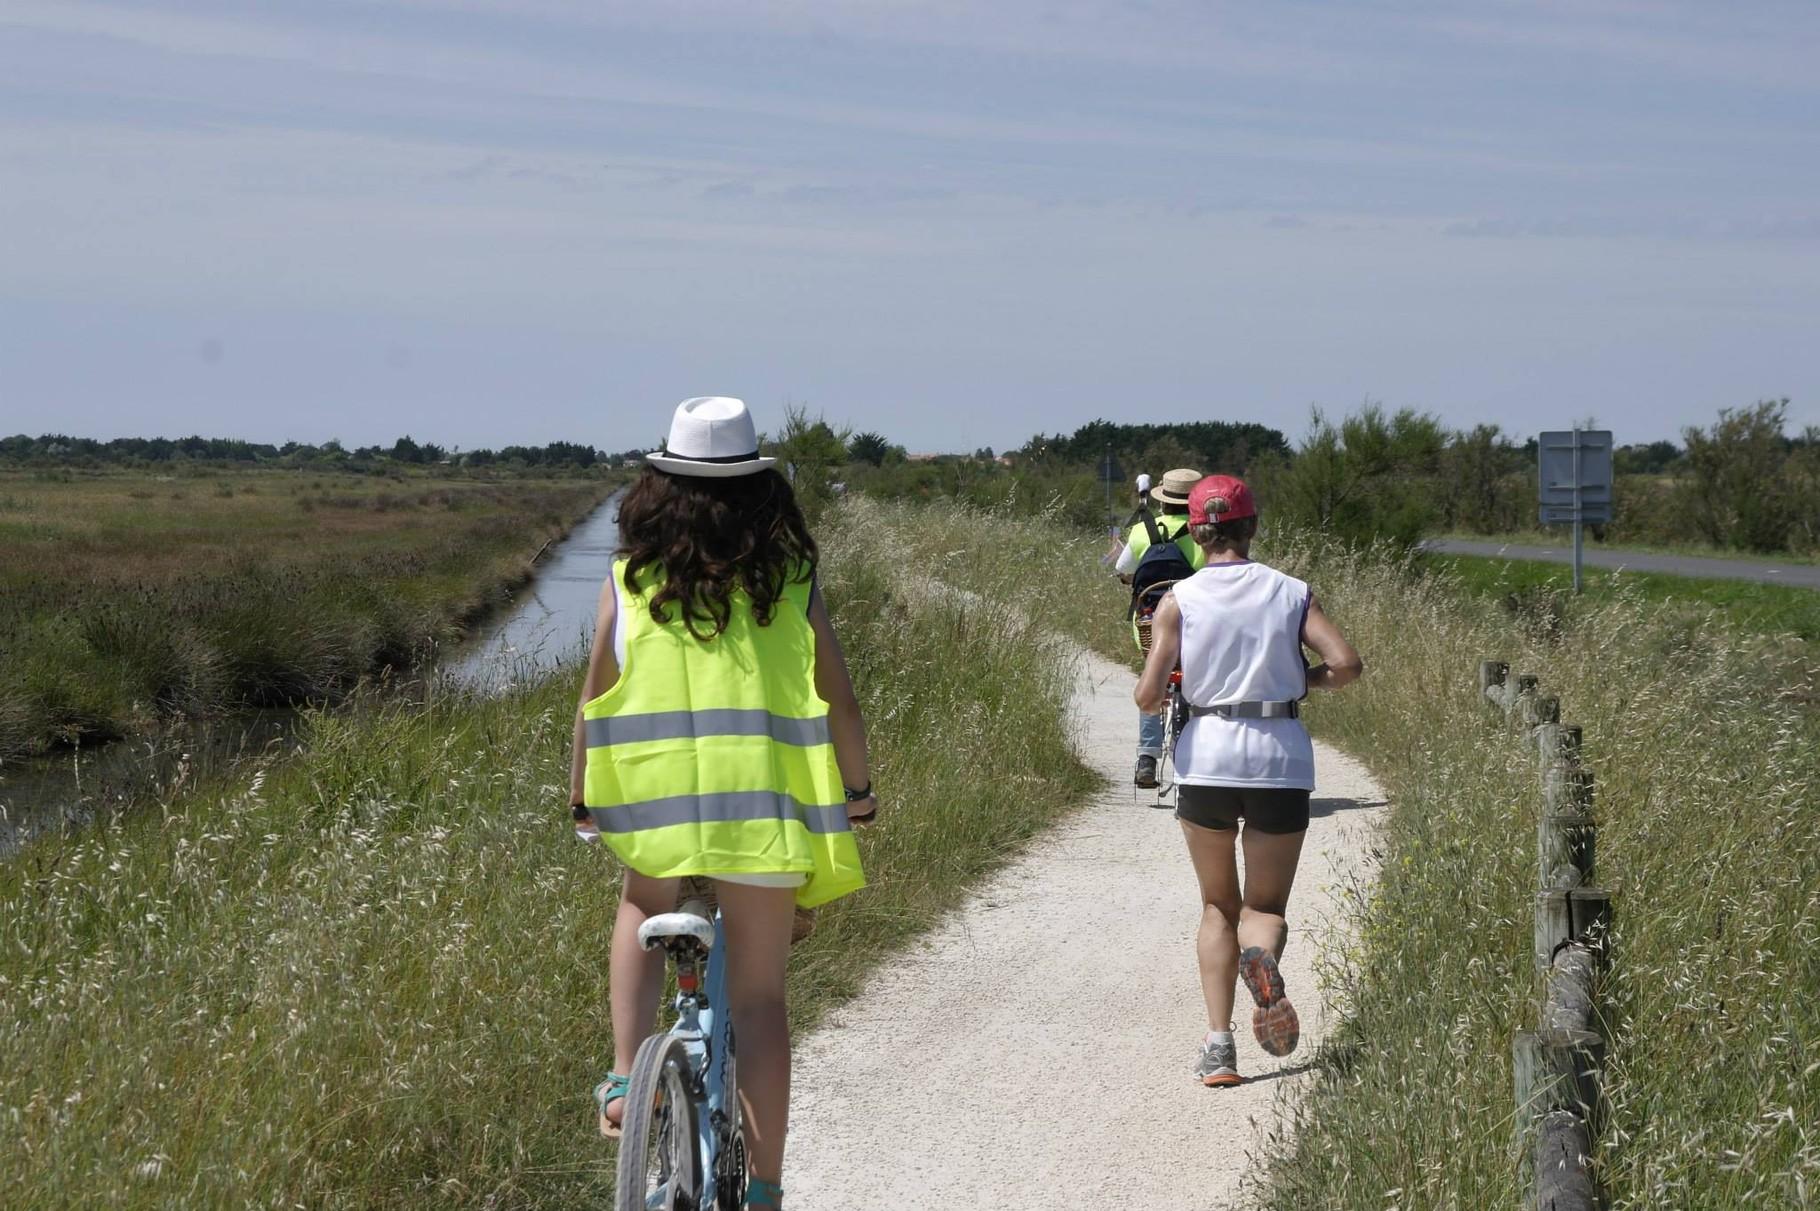 Sur leur vélo, les bénévoles fournissent en continu les coureurs en eau, céréales et bananes